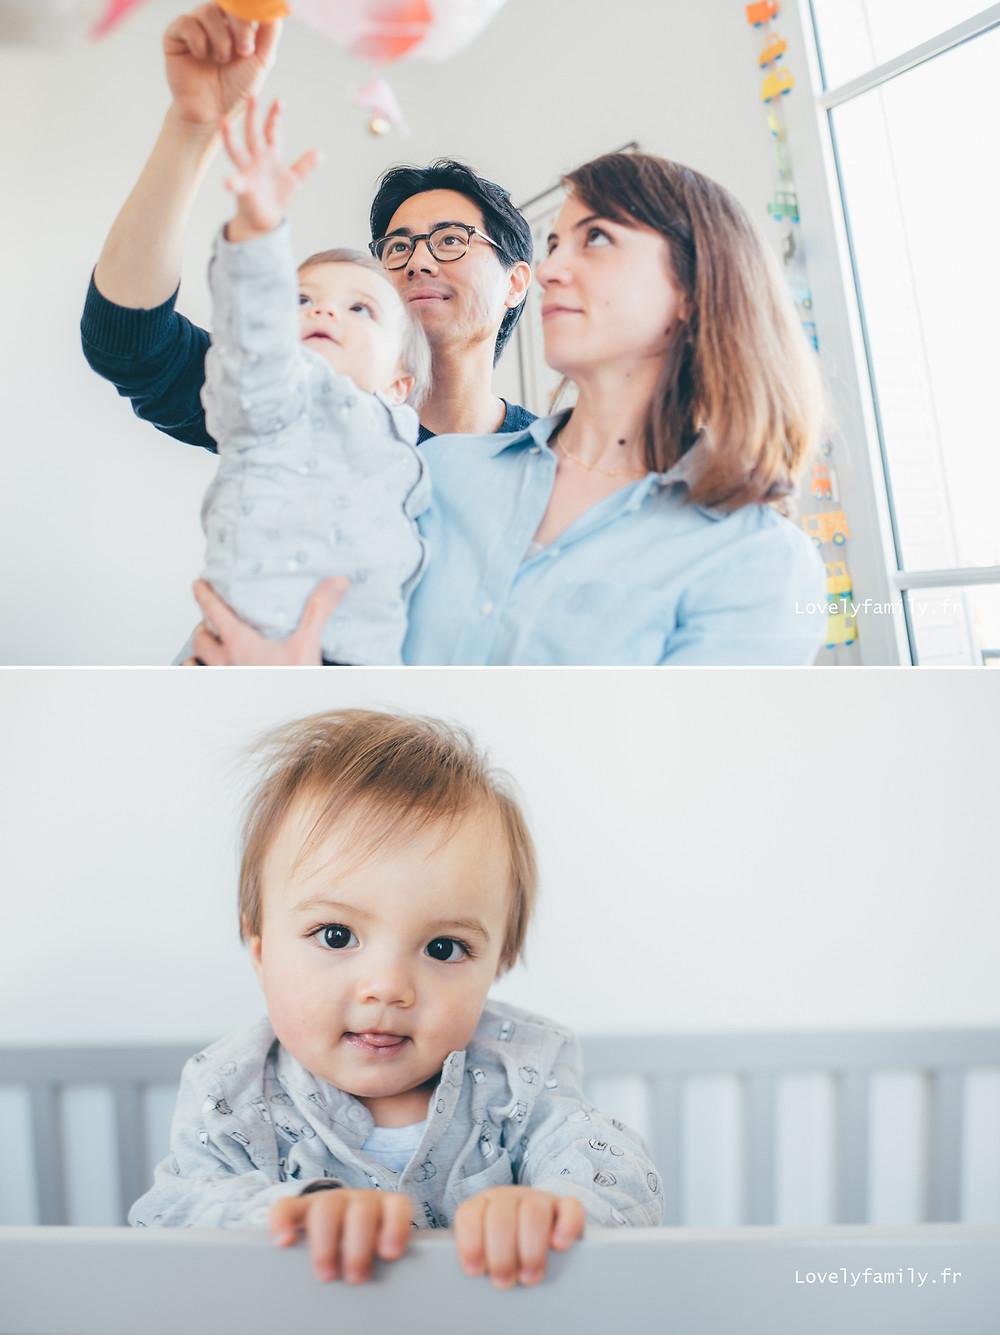 Séance photo famille Le Perreux sur Marne